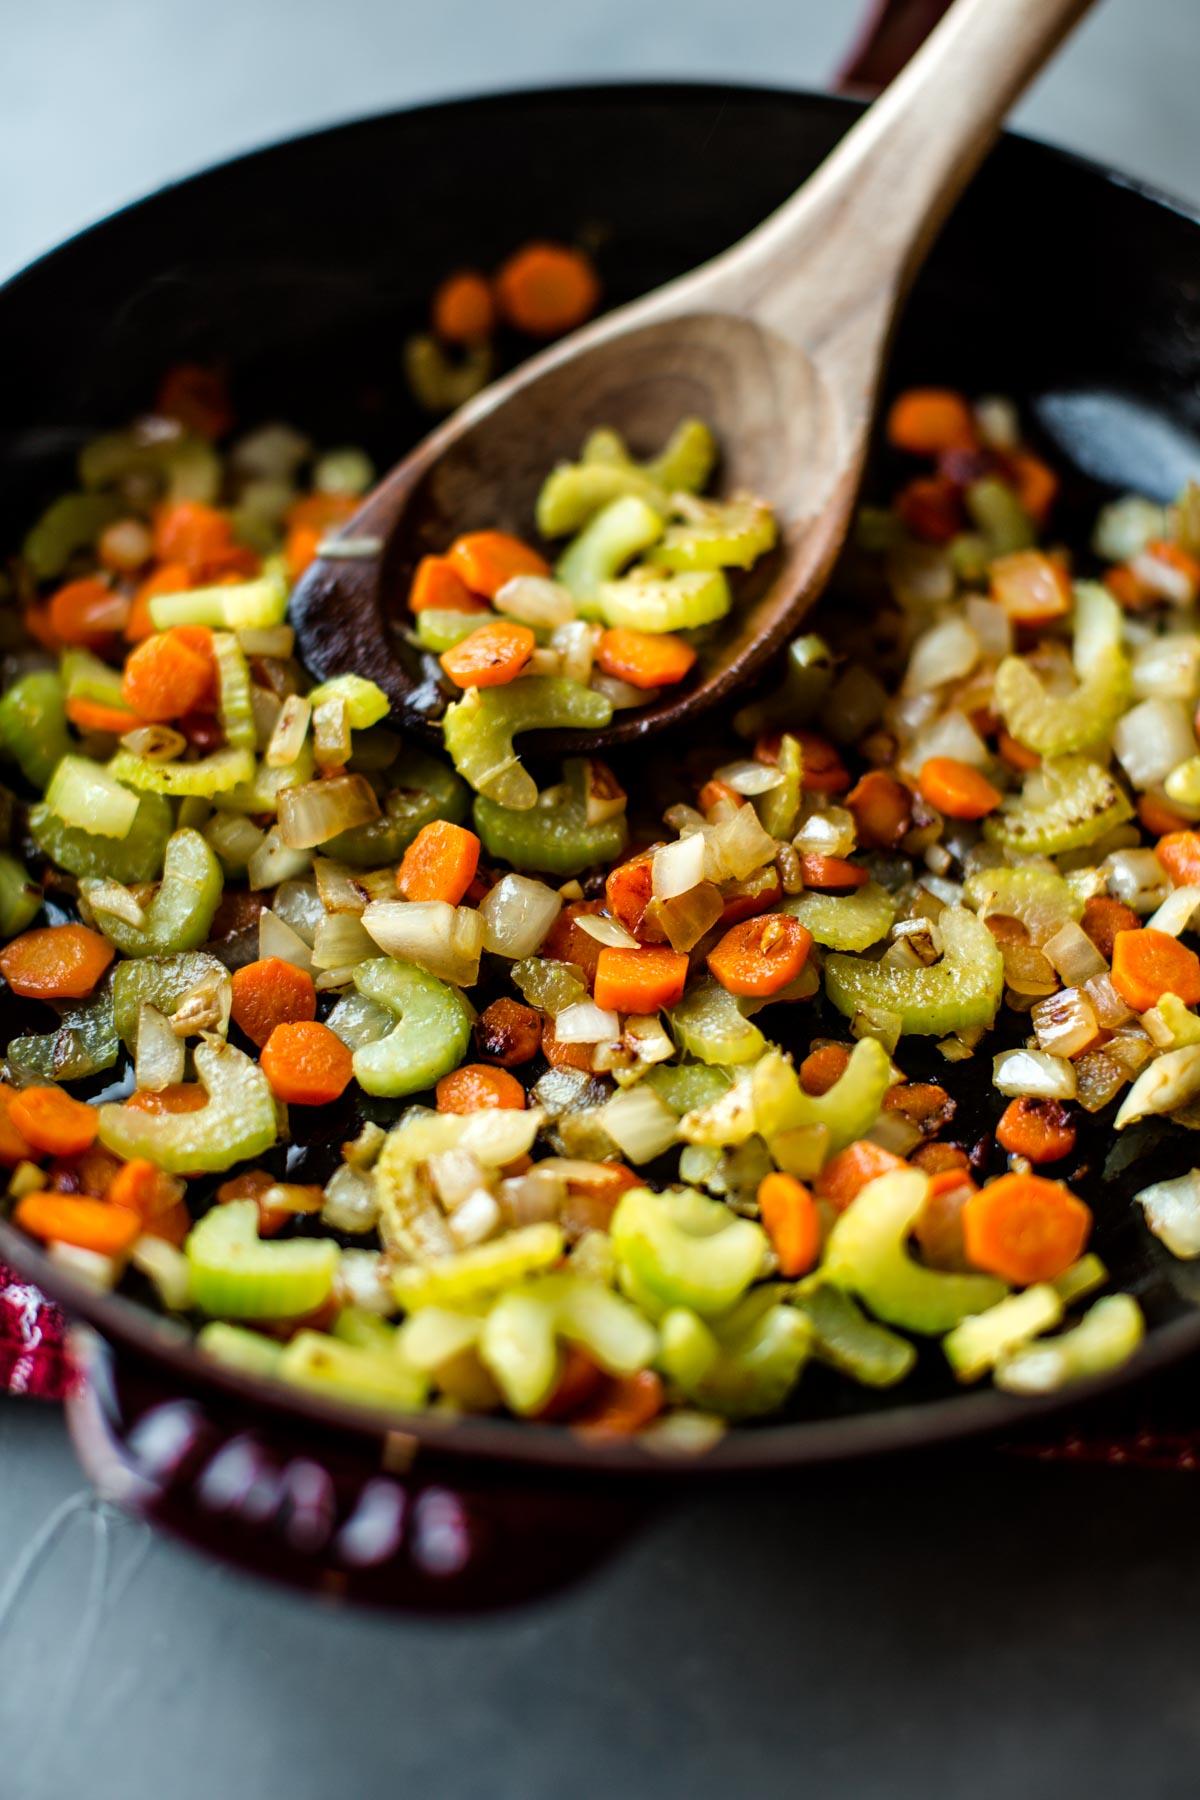 oignon, céleri et carottes sautés dans une poêle avec une cuillère en bois